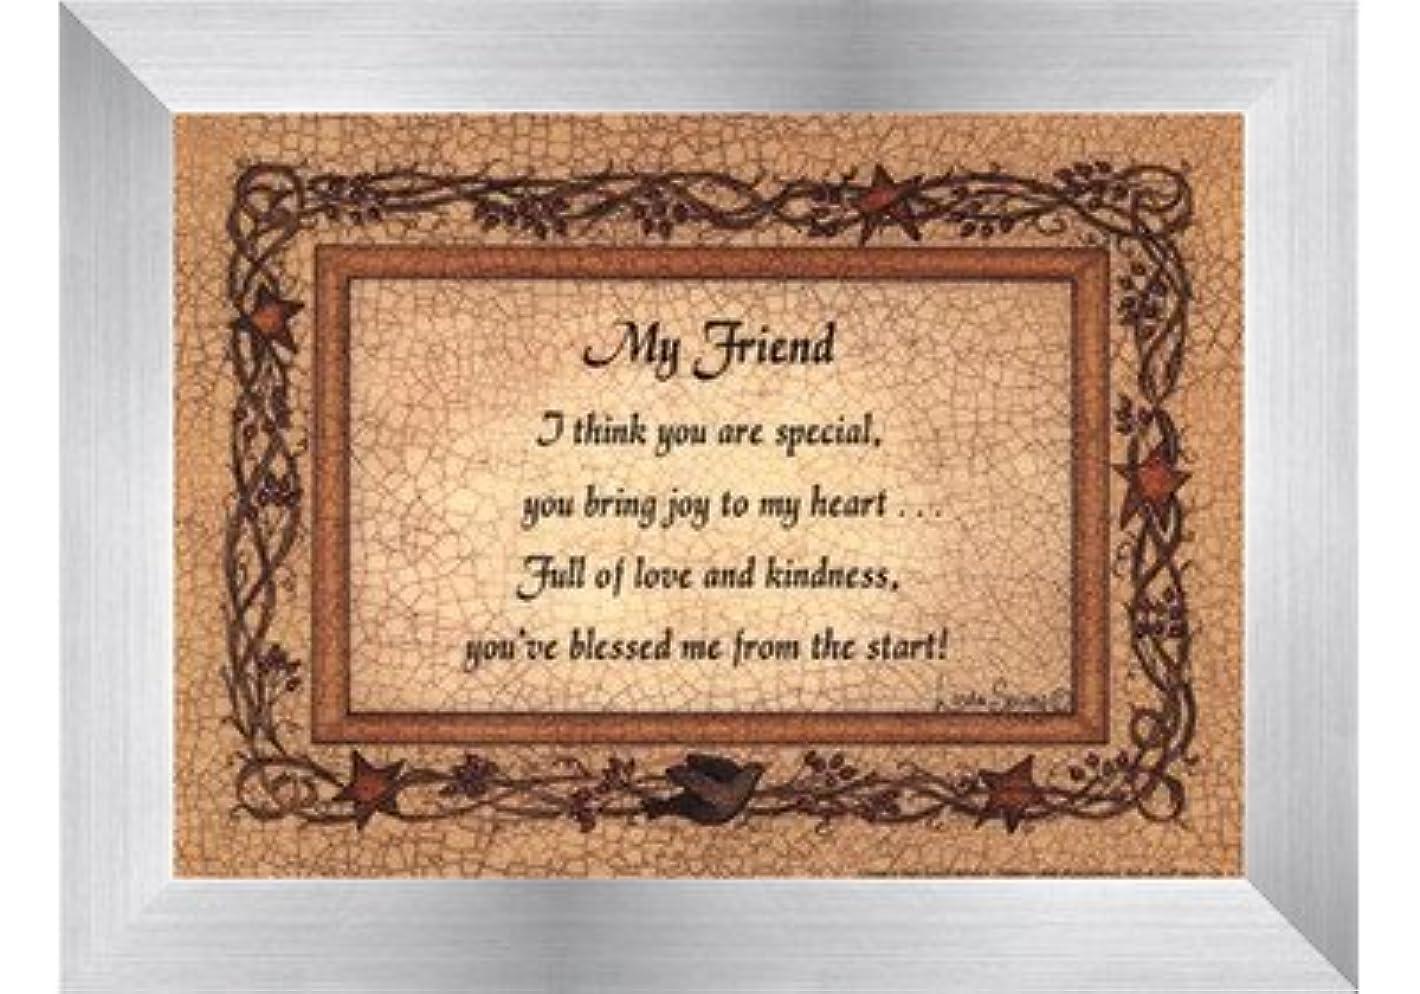 残忍な描写取り扱いMy Friend by Linda Spivey – 7 x 5インチ – アートプリントポスター LE_160935-F9935-7x5